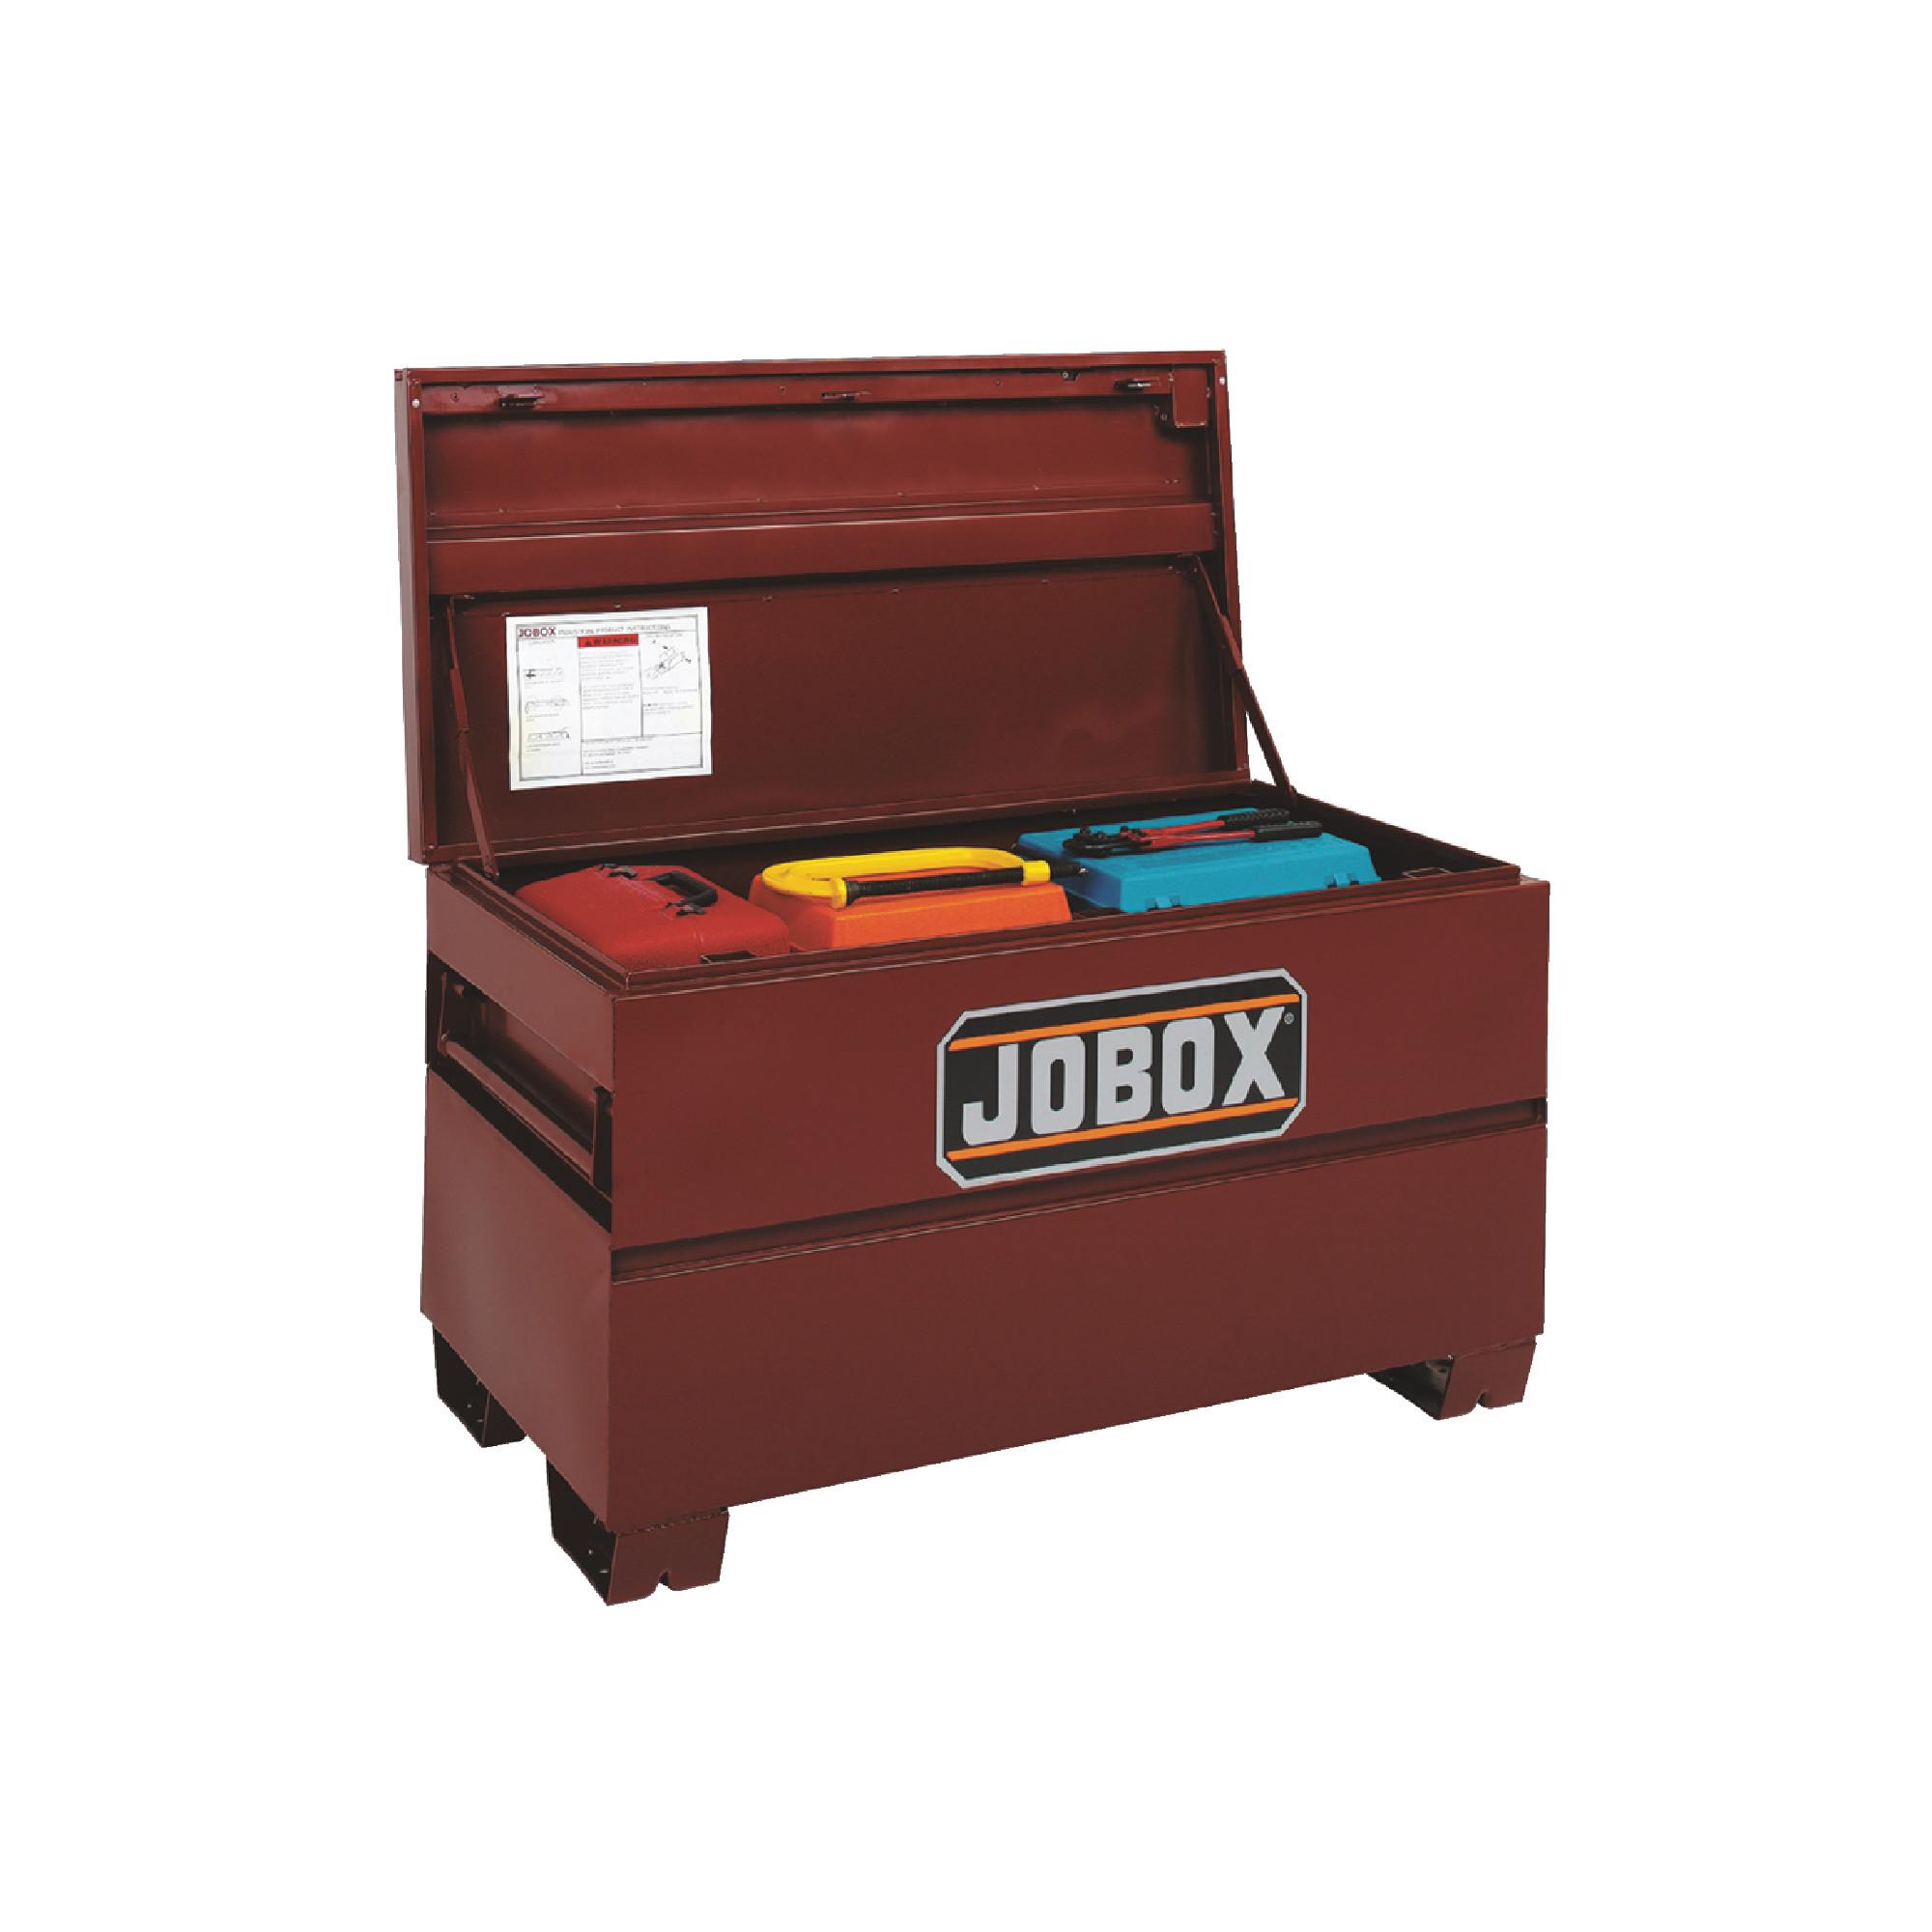 42X20X24 JOBOX STEEL VAULT - JOBOX